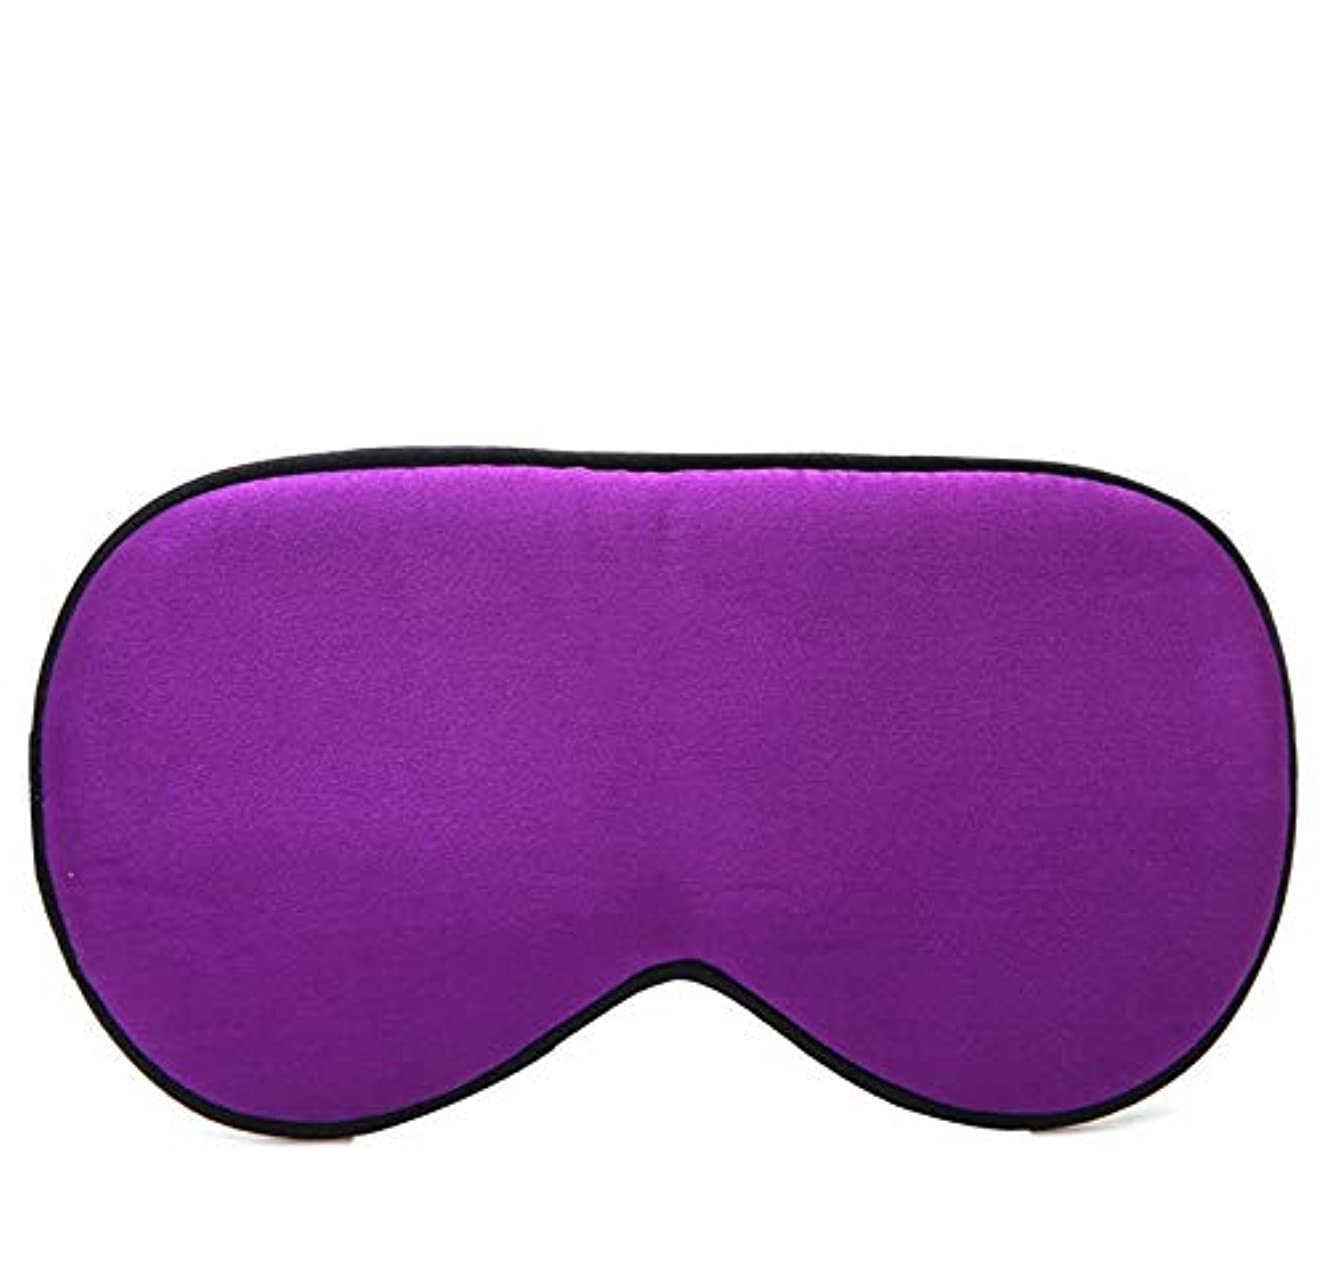 古い涙が出る宿NOTE 3dソフト通気性ファブリックアイシェード睡眠アイマスクポータブル旅行睡眠休息補助アイマスクカバーアイパッチ睡眠マスク